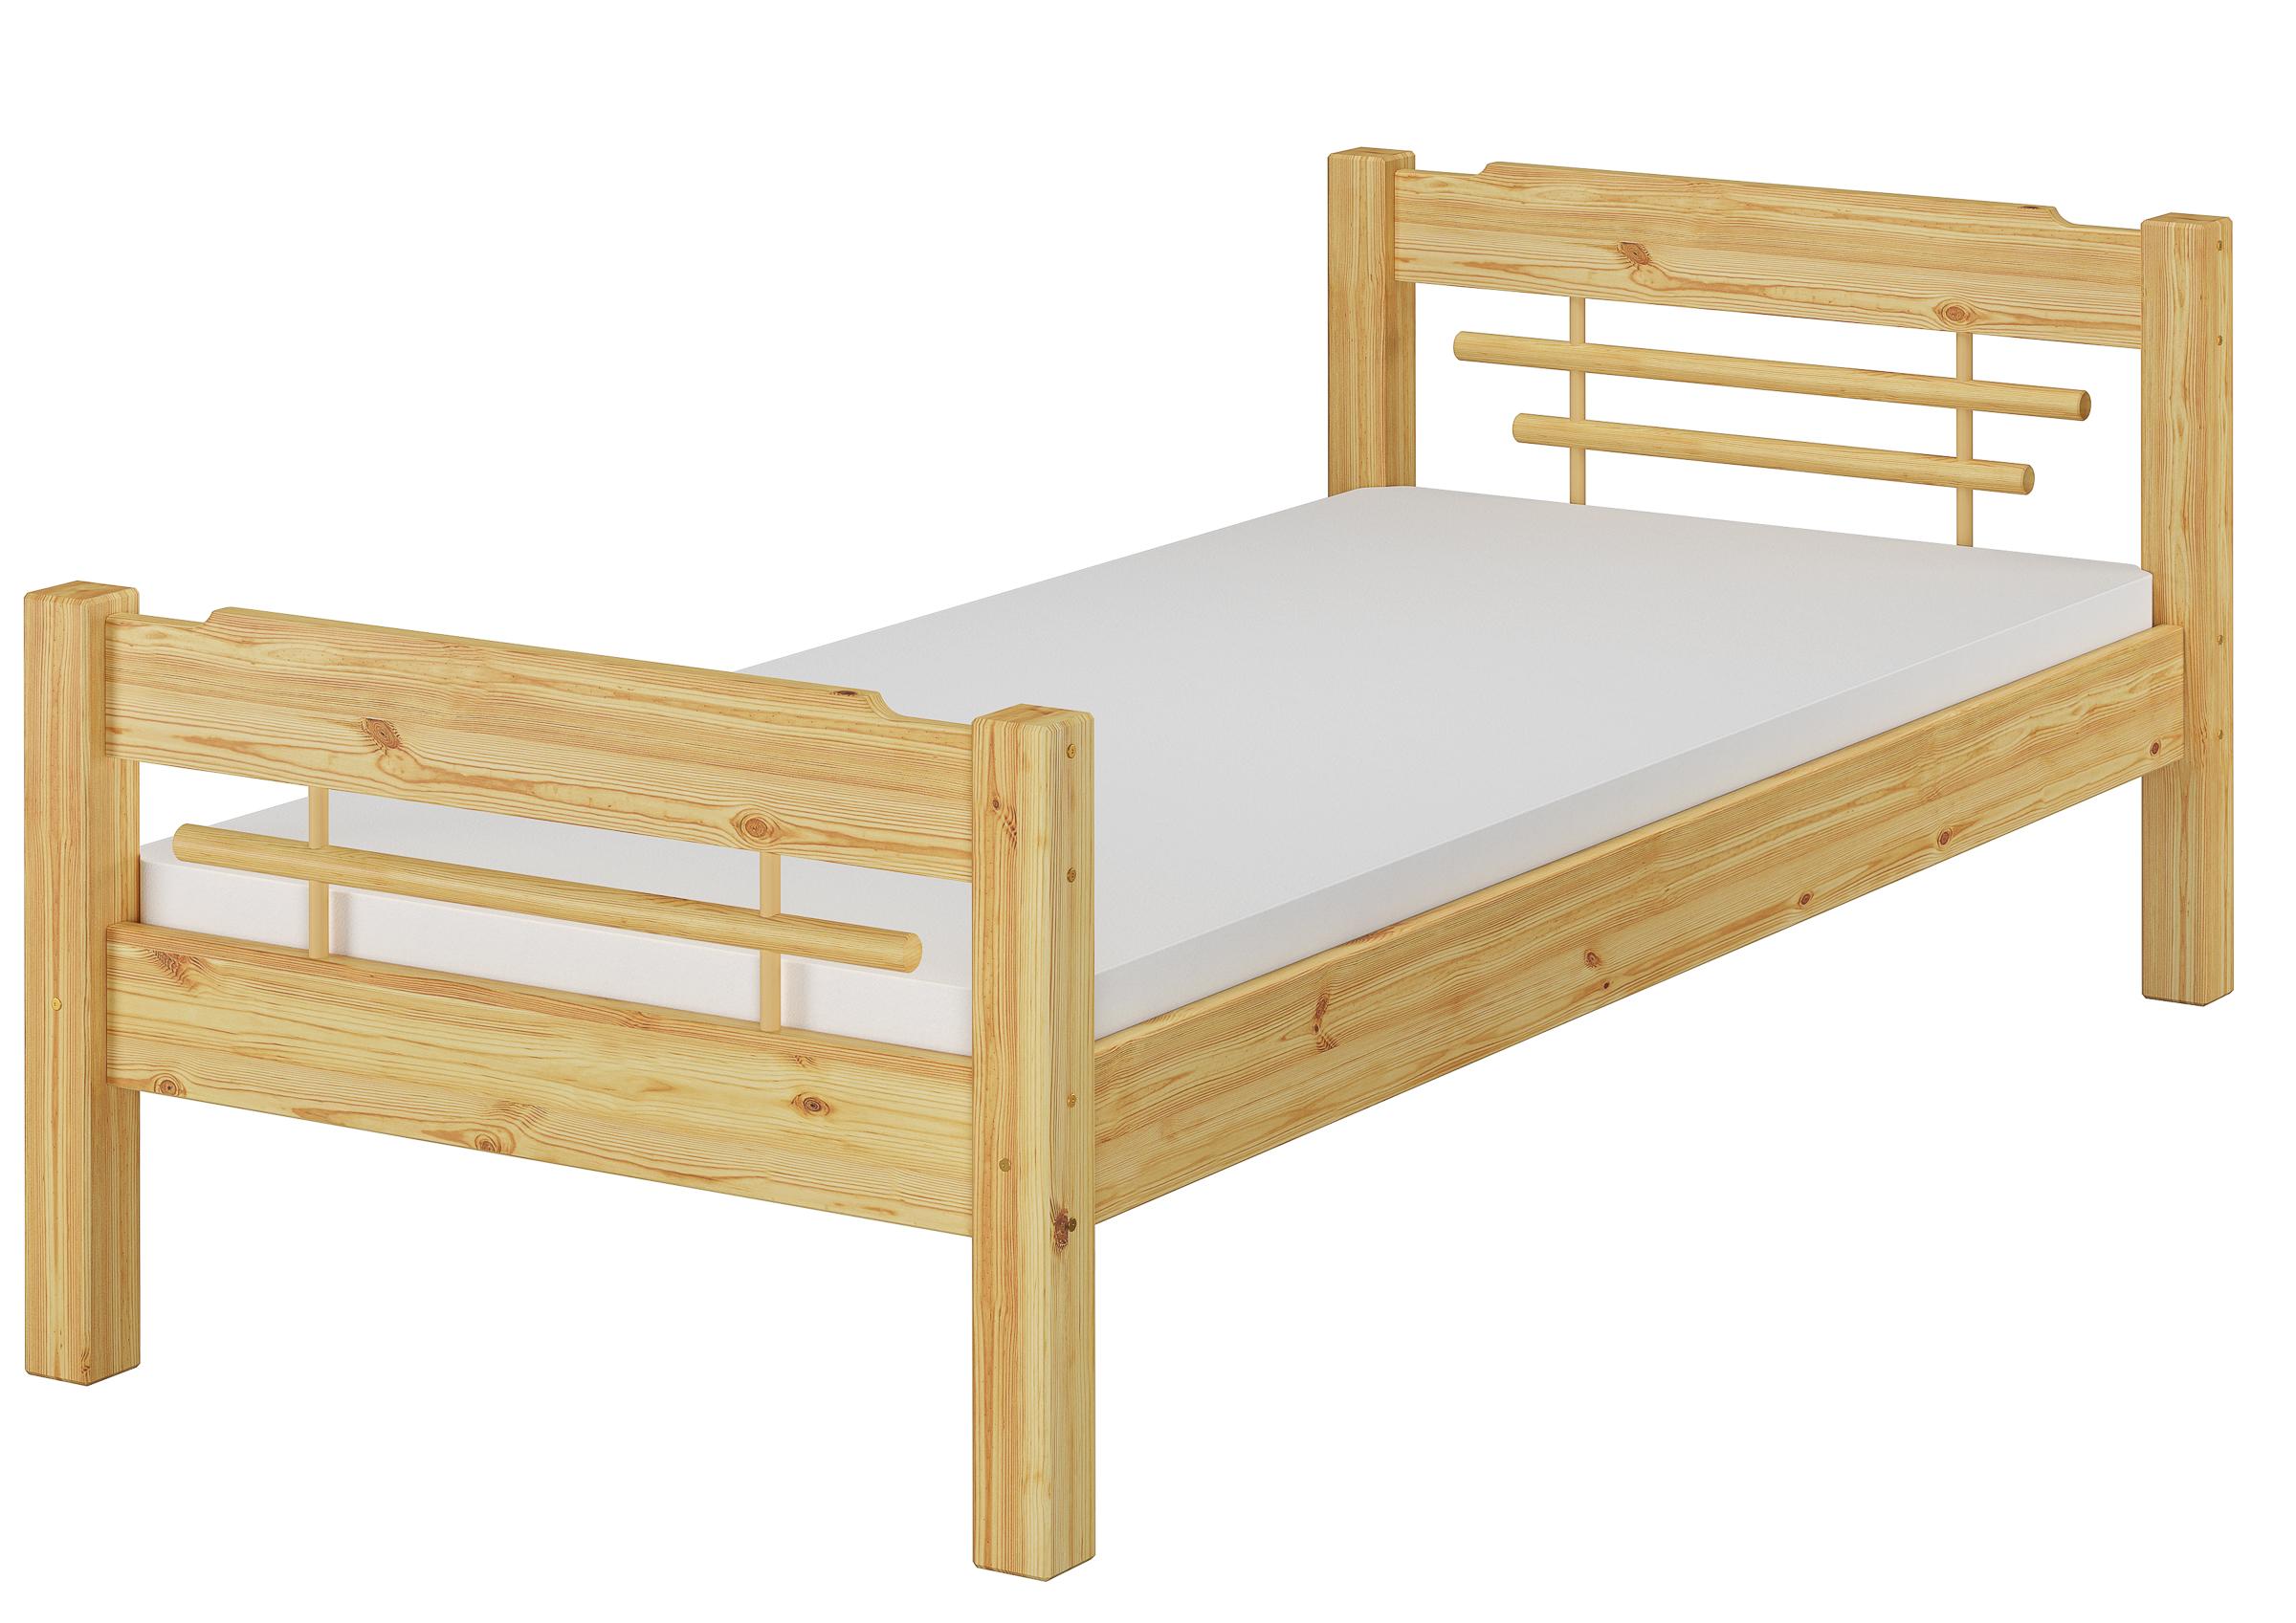 Full Size of Stapelbetten Dänisches Bettenlager Einzelbetten 90x200 Liege Mit Bettkasten Badezimmer Wohnzimmer Stapelbetten Dänisches Bettenlager